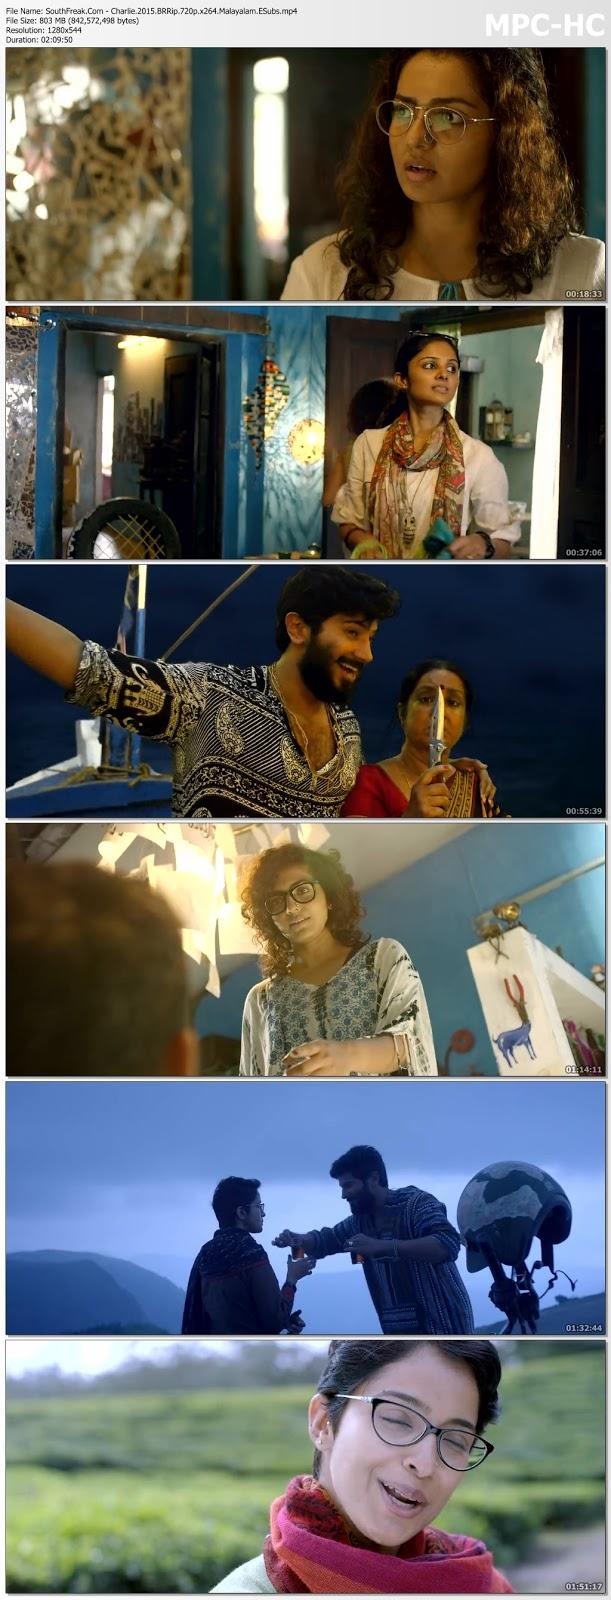 Charlie (2015) DVDRip 720p Malayalam Movie 700MB